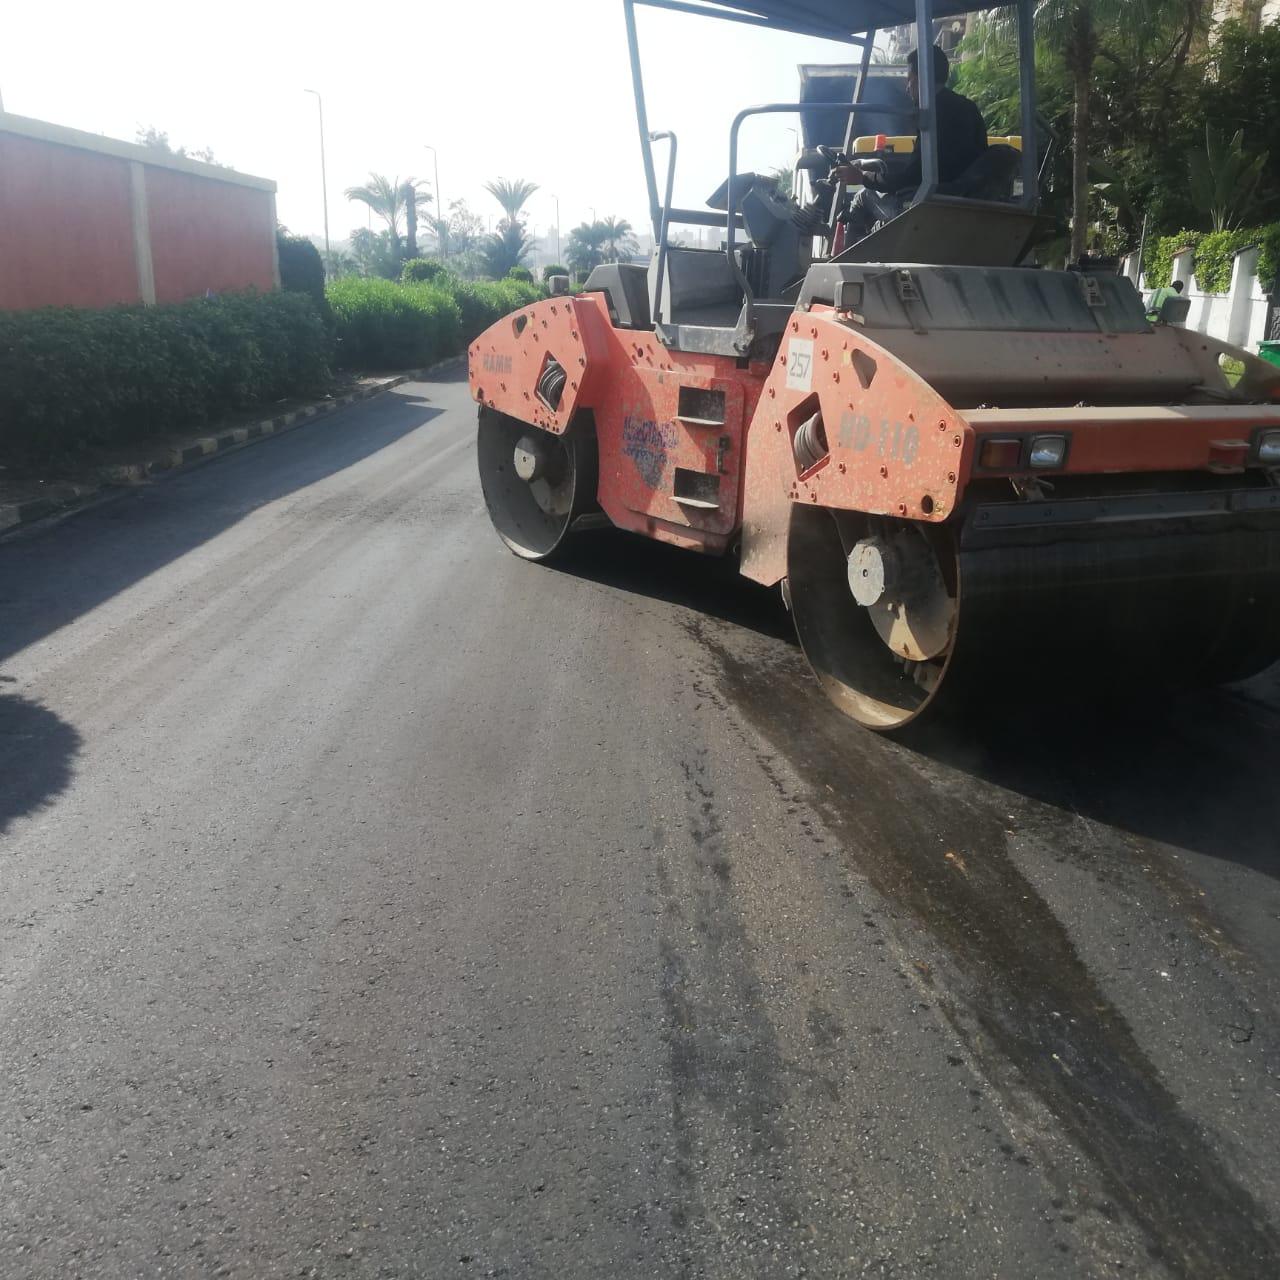 محافظ الإسكندرية: الانتهاء من رفع كفاءة الشوارع الرئيسية ومتفرعاتها بمربع أرض حمزاوي